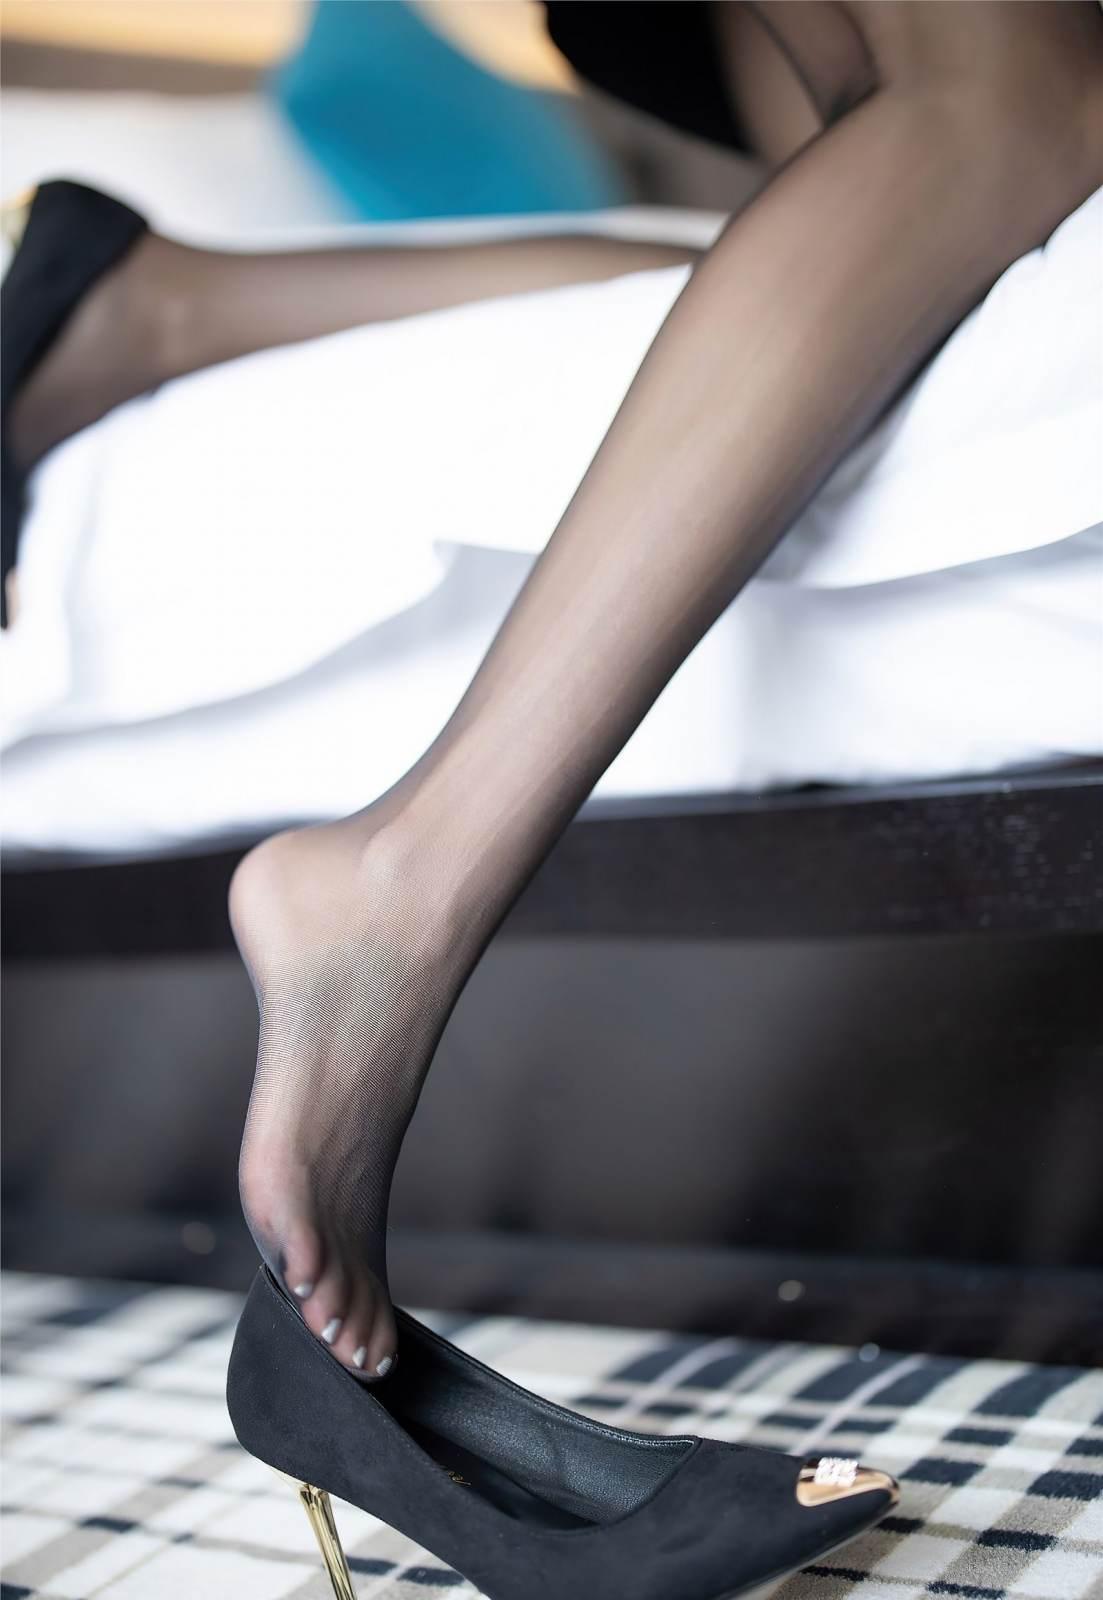 第370期拟歌先敛,欲笑还颦,最断人肠!carry(黑丝,高跟,混血美女,美腿,丝足,神仙颜值)_图片5